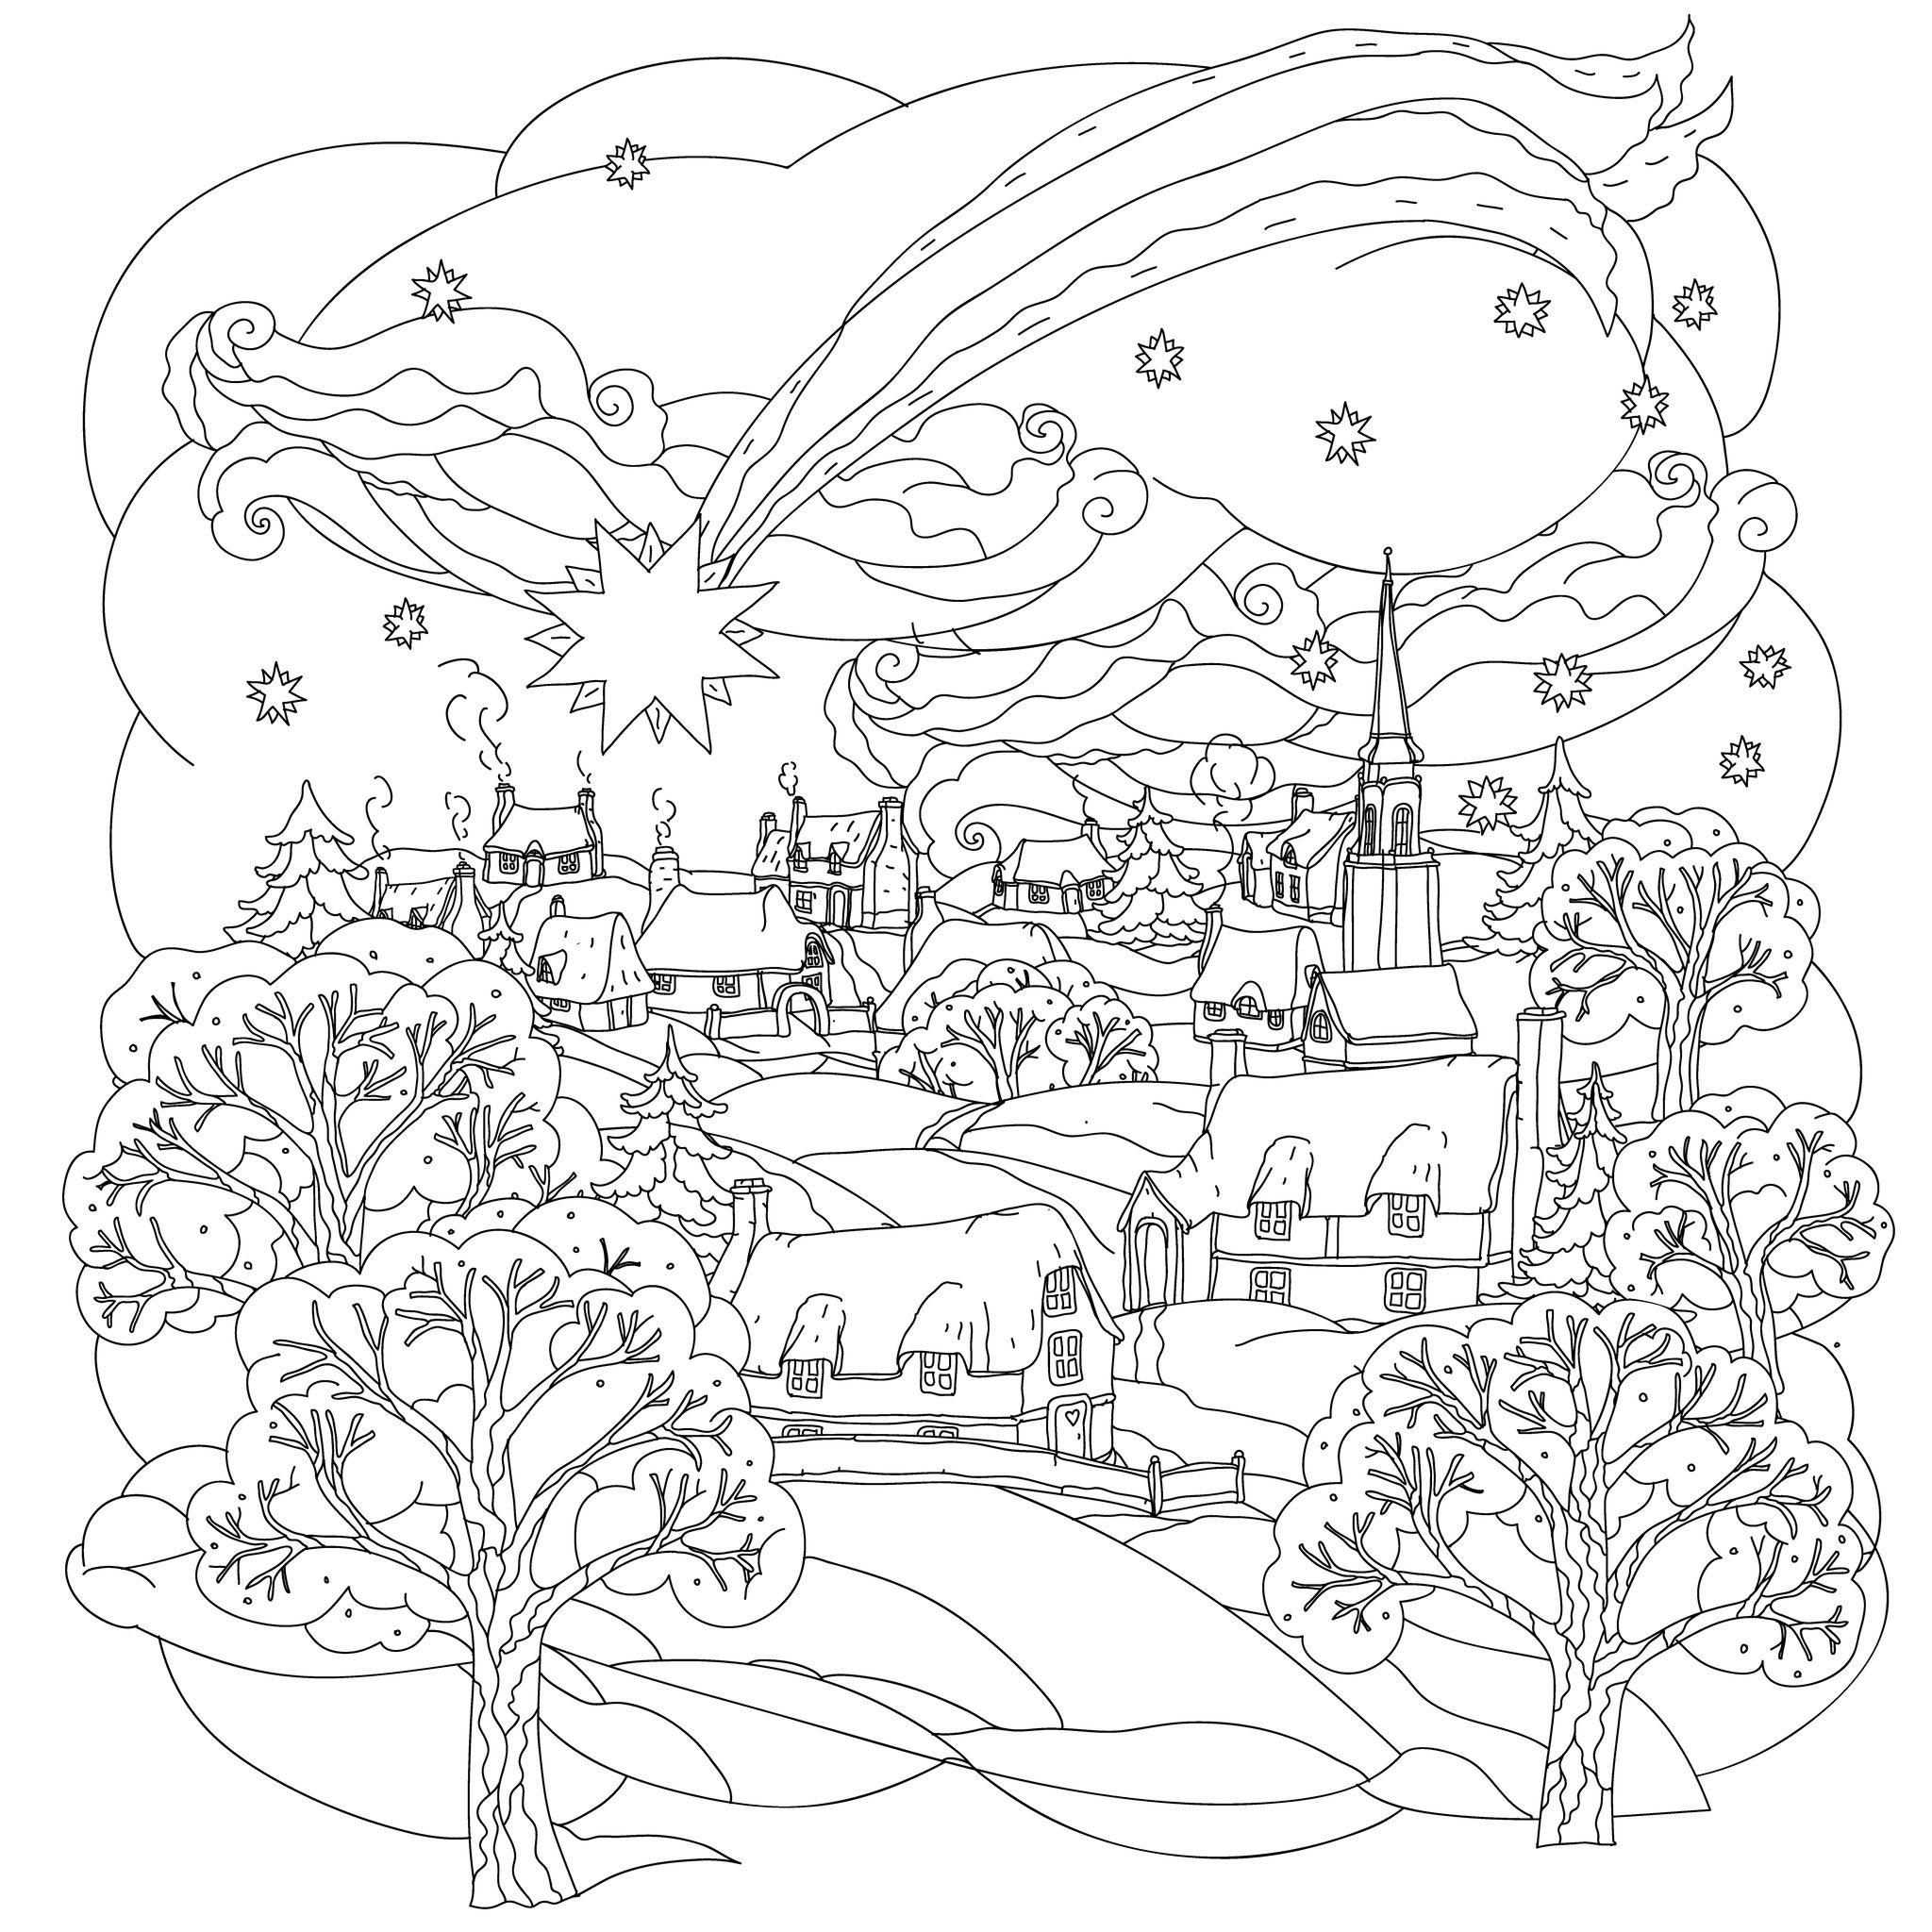 Coloriage De Noël À Colorier Pour Enfants - Coloriages De pour Coloriage Village De Noel